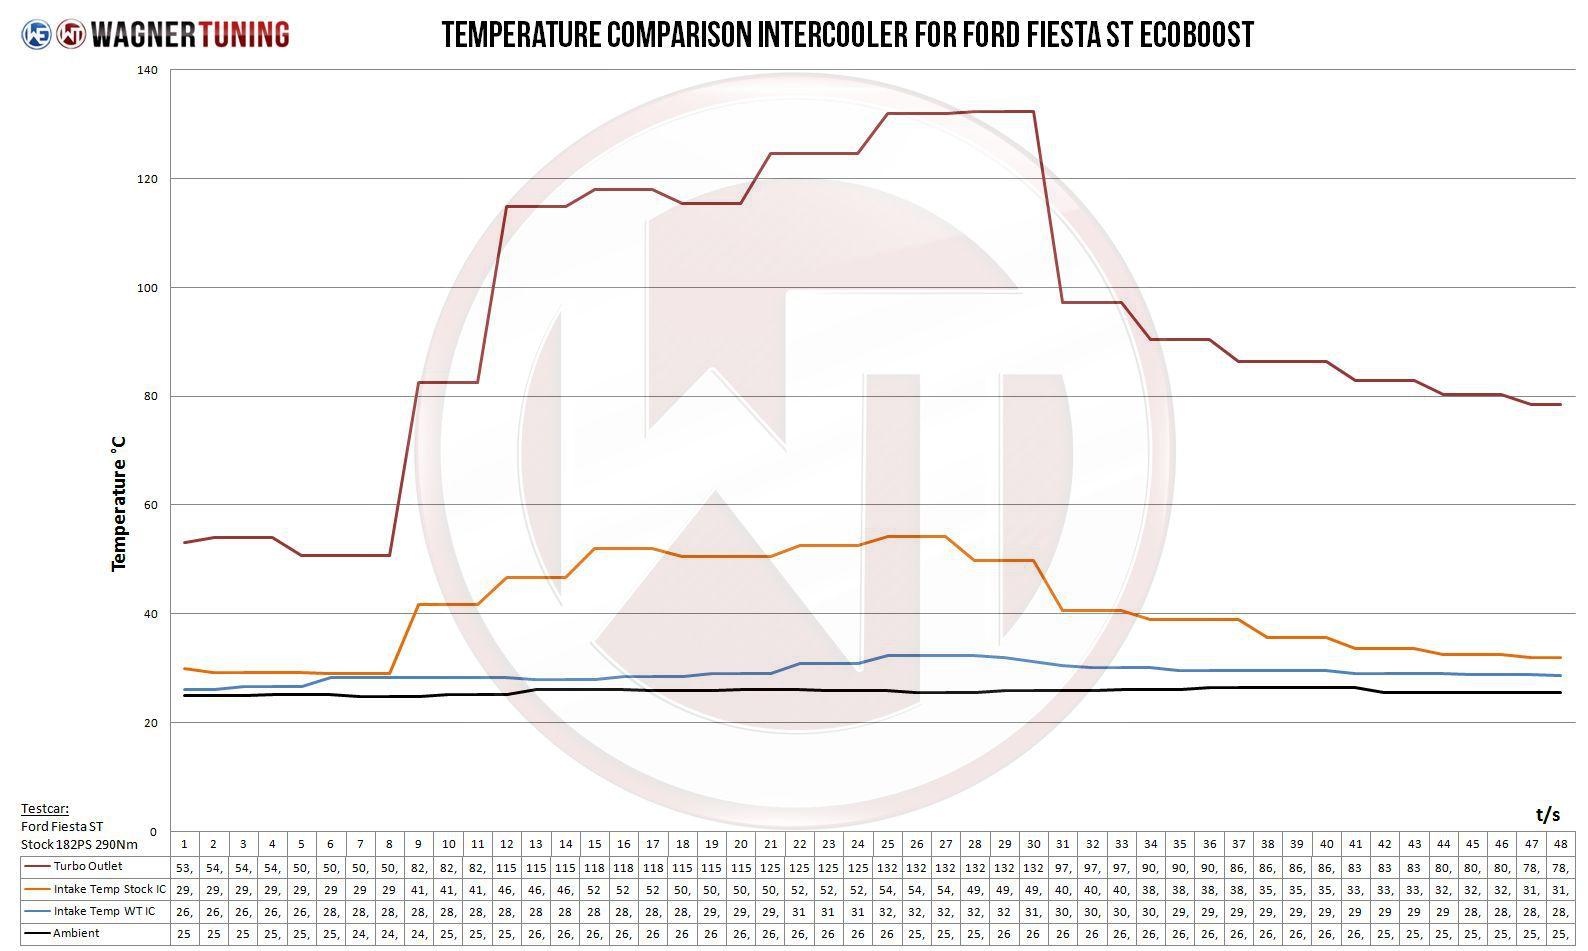 Fiesta ecoboost comp intercooler tempurature vs OEM intercooler